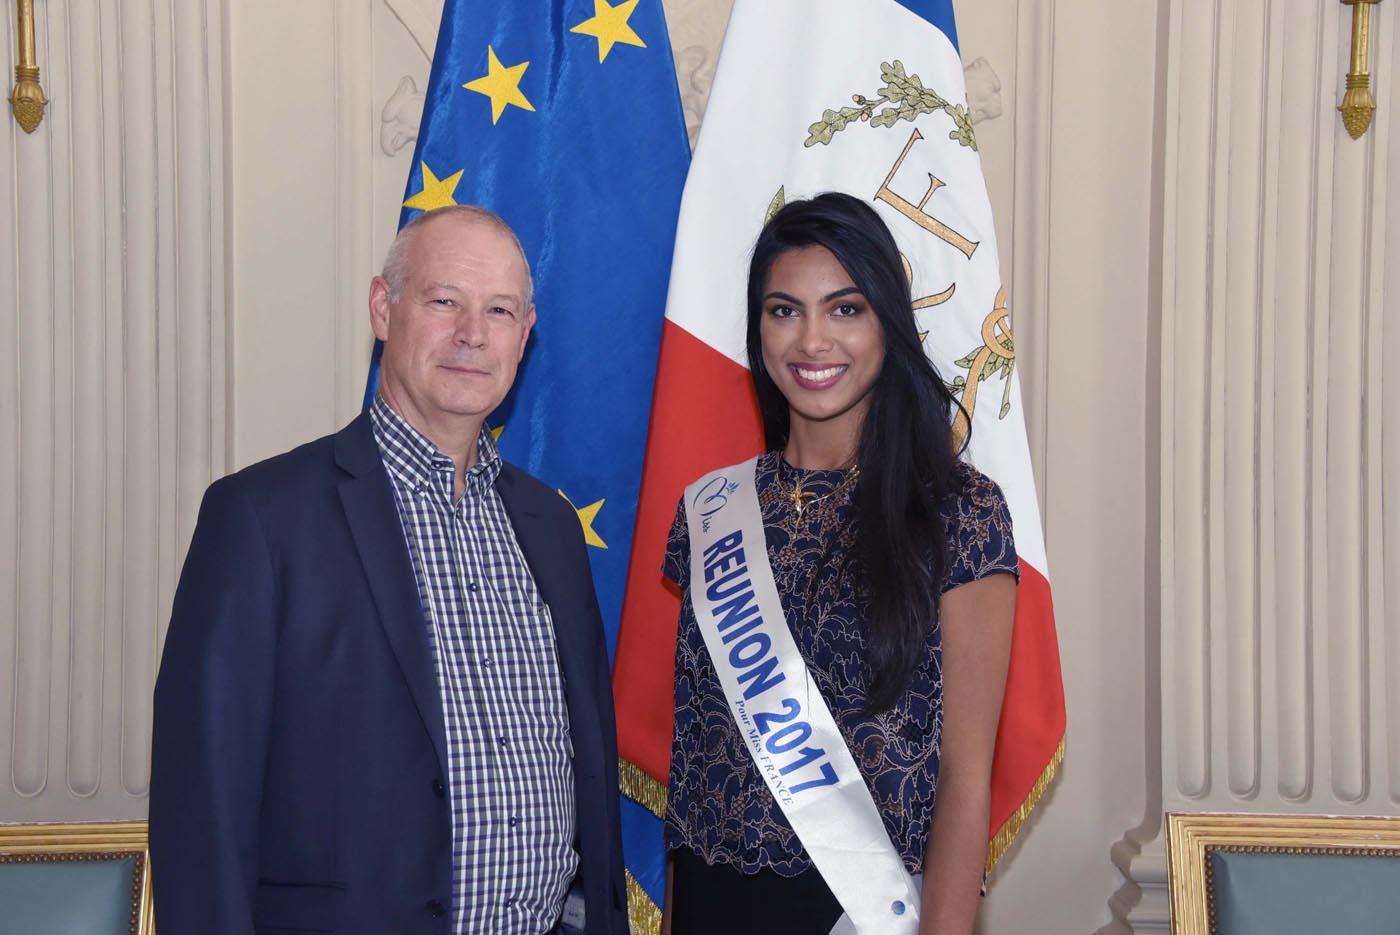 Avec Alain Fourniaud, fleuriste à l'Assemblée Nationale, qui compte de nombreux amis à La Réunion où il vient régulièrement